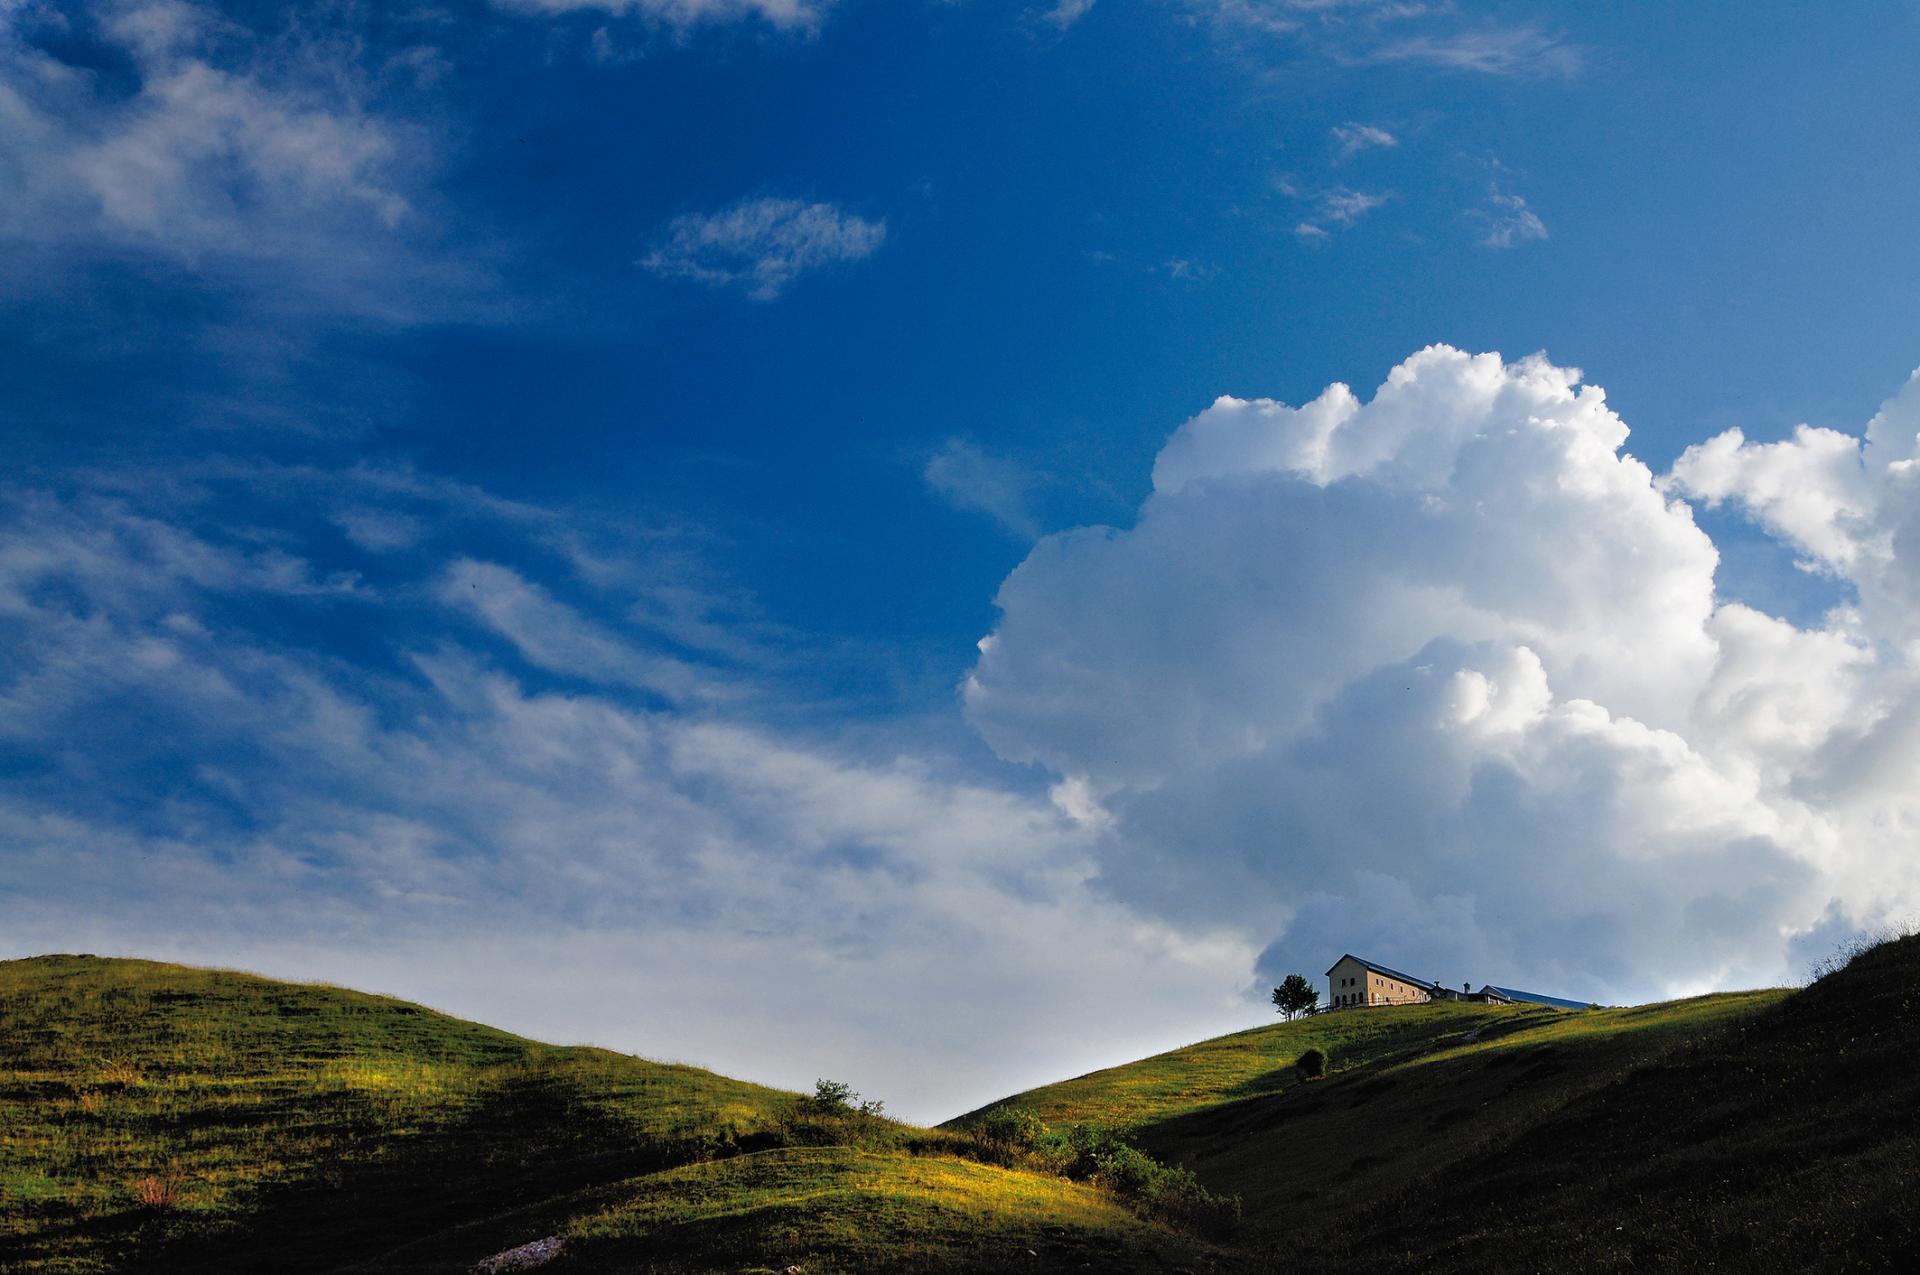 Monte Grappa, alle scoperta delle malghe d'alpeggio sulle Colline del Prosecco Valdobbiadene